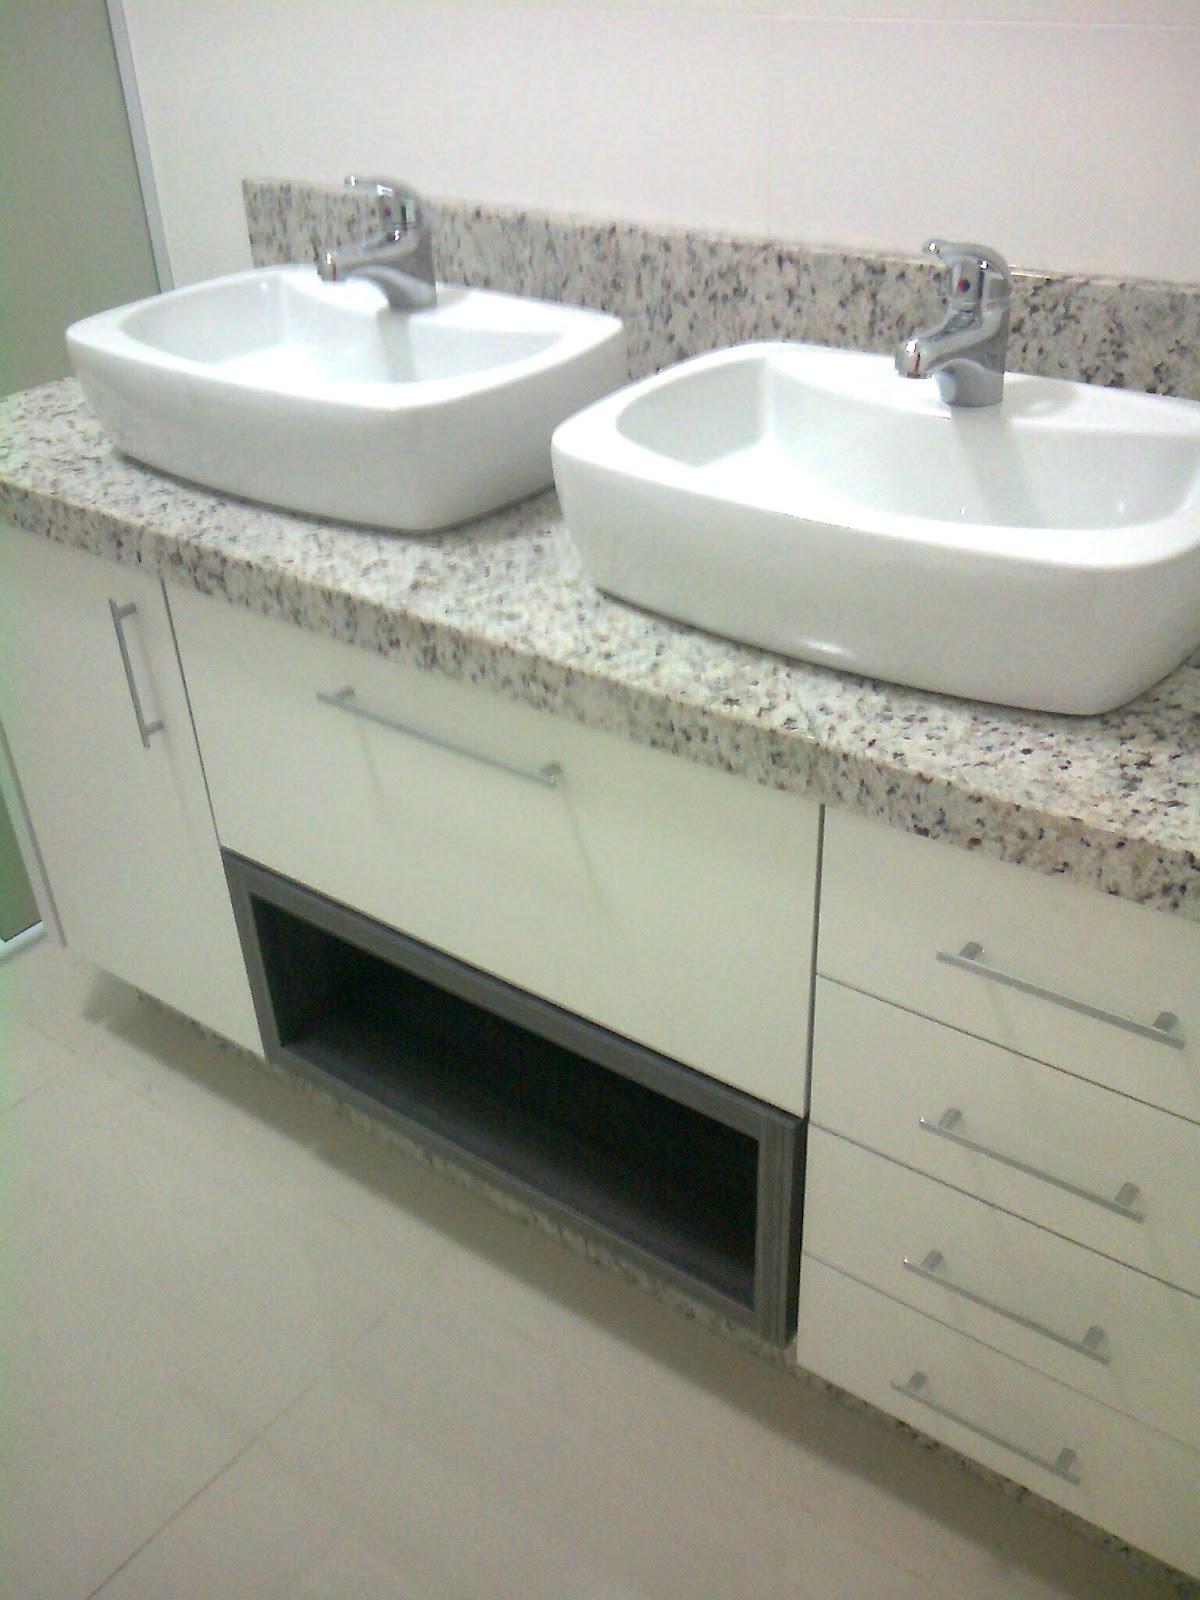 10 sugestões de cubas de apoio para banheiros e lavabos #575141 1200 1600